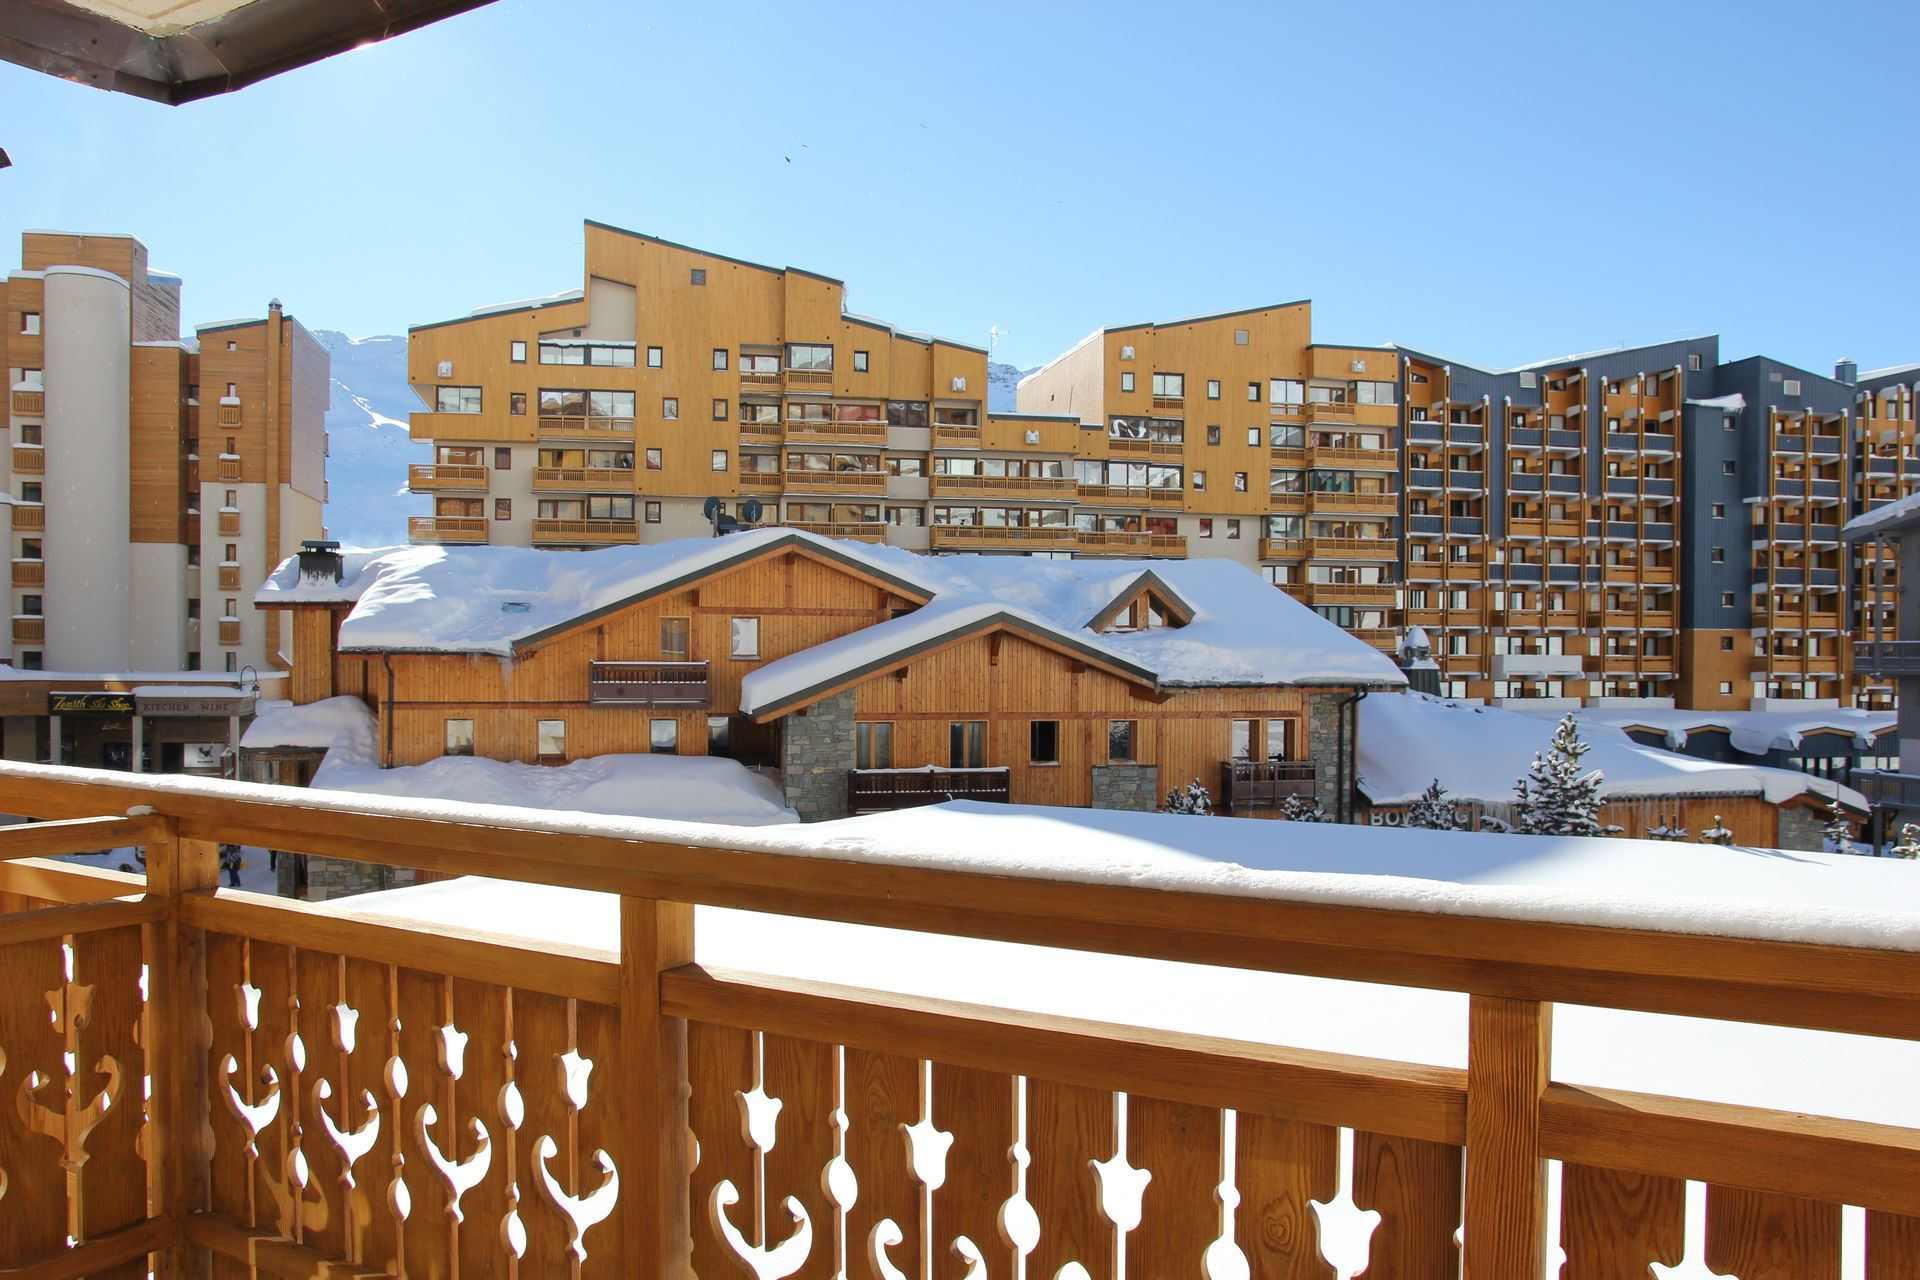 ROCHE BLANCHE 5 / STUDIO CABIN 4 PERSONS - 2 SILVER SNOWFLAKES - CI